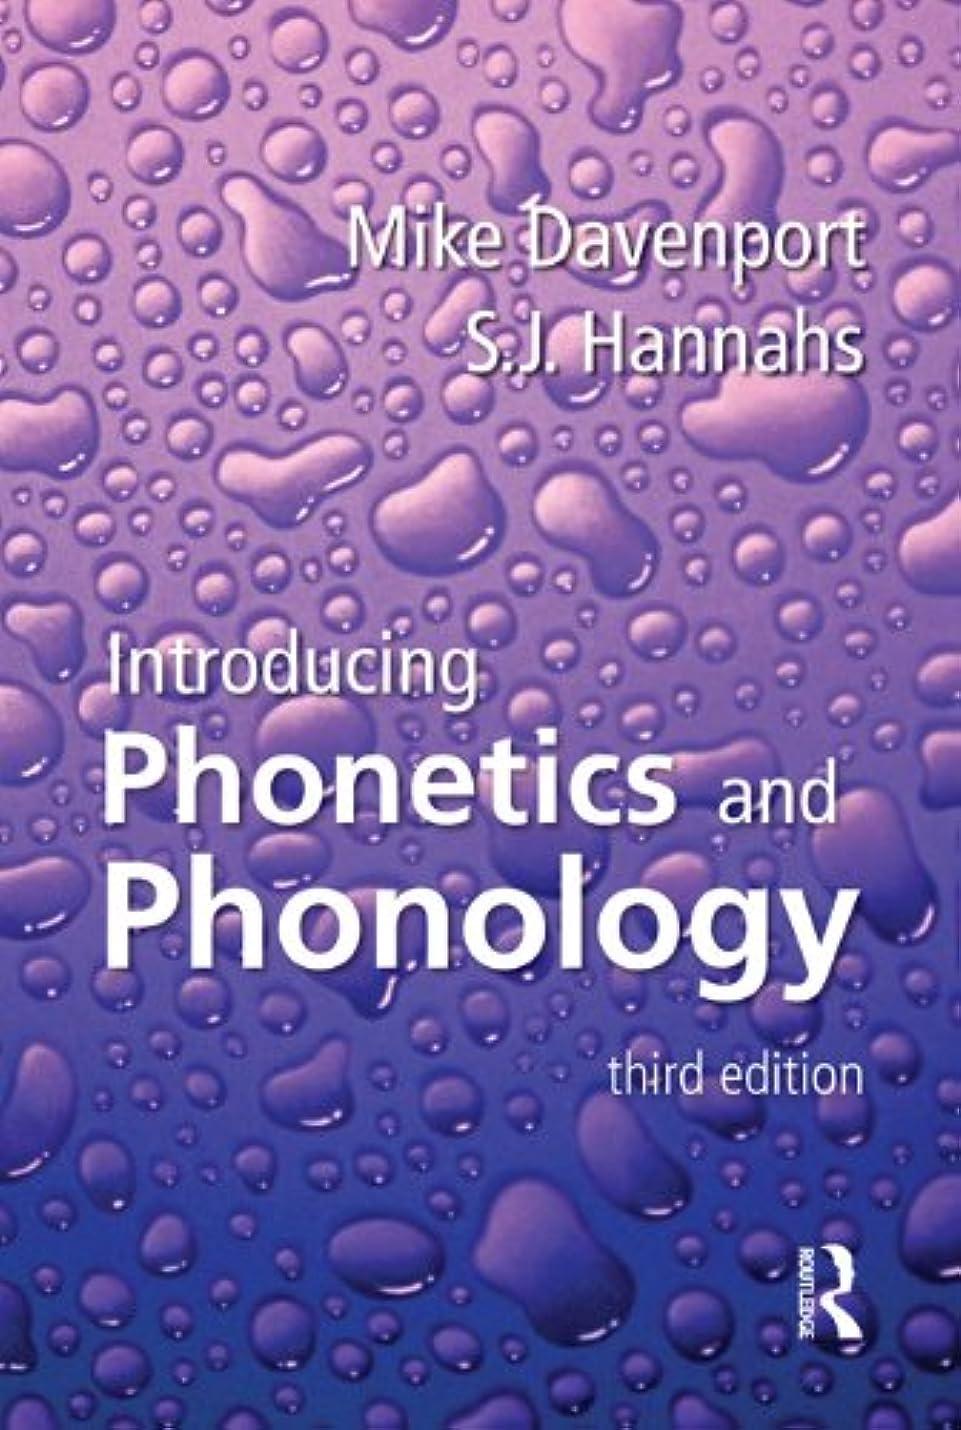 すごい口径会員Introducing Phonetics and Phonology (English Edition)